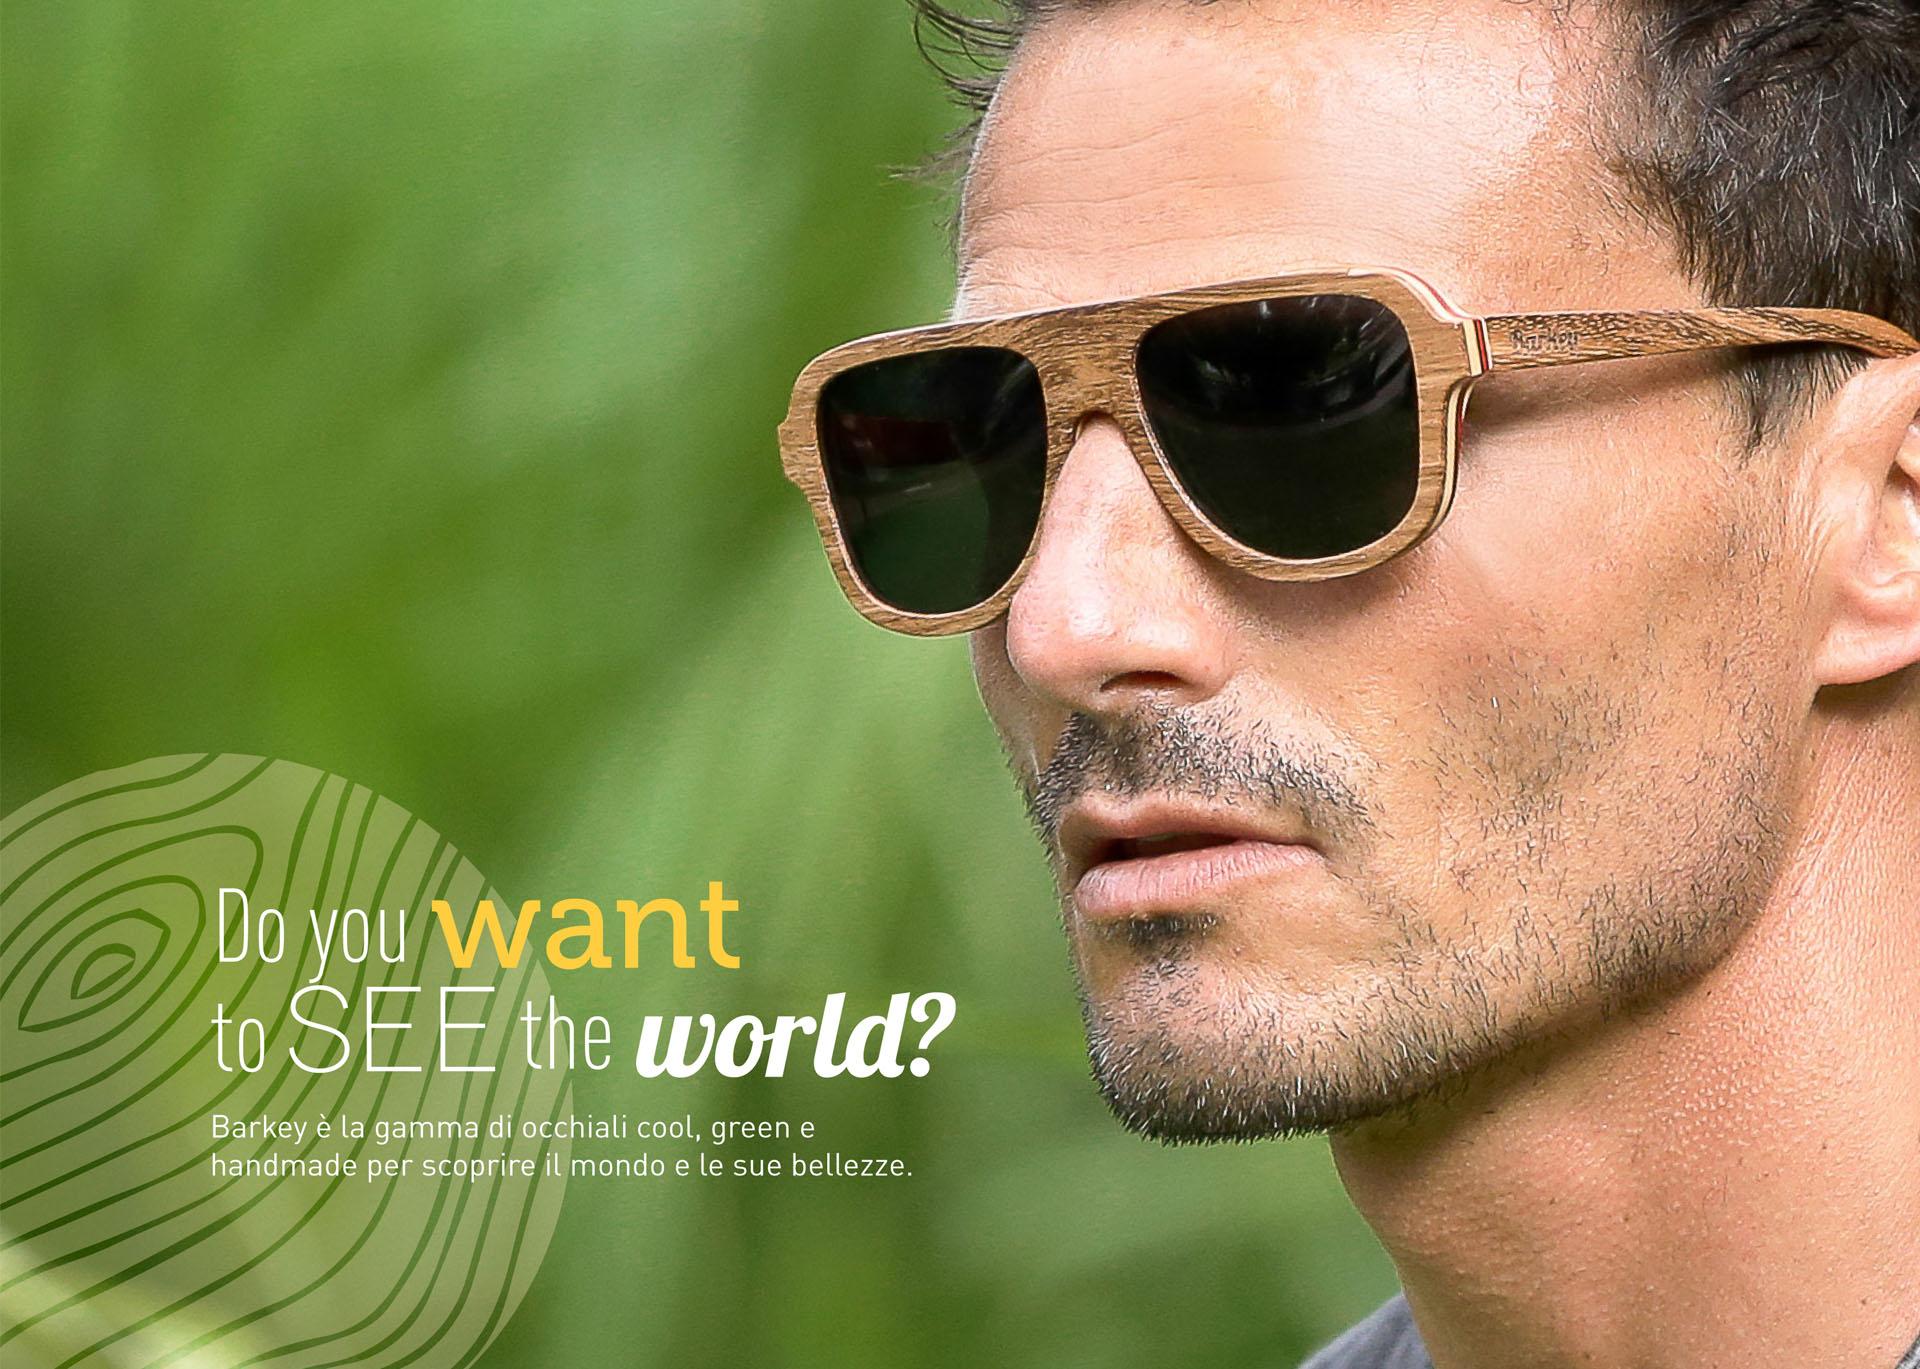 barkey occhiali da sole in legno